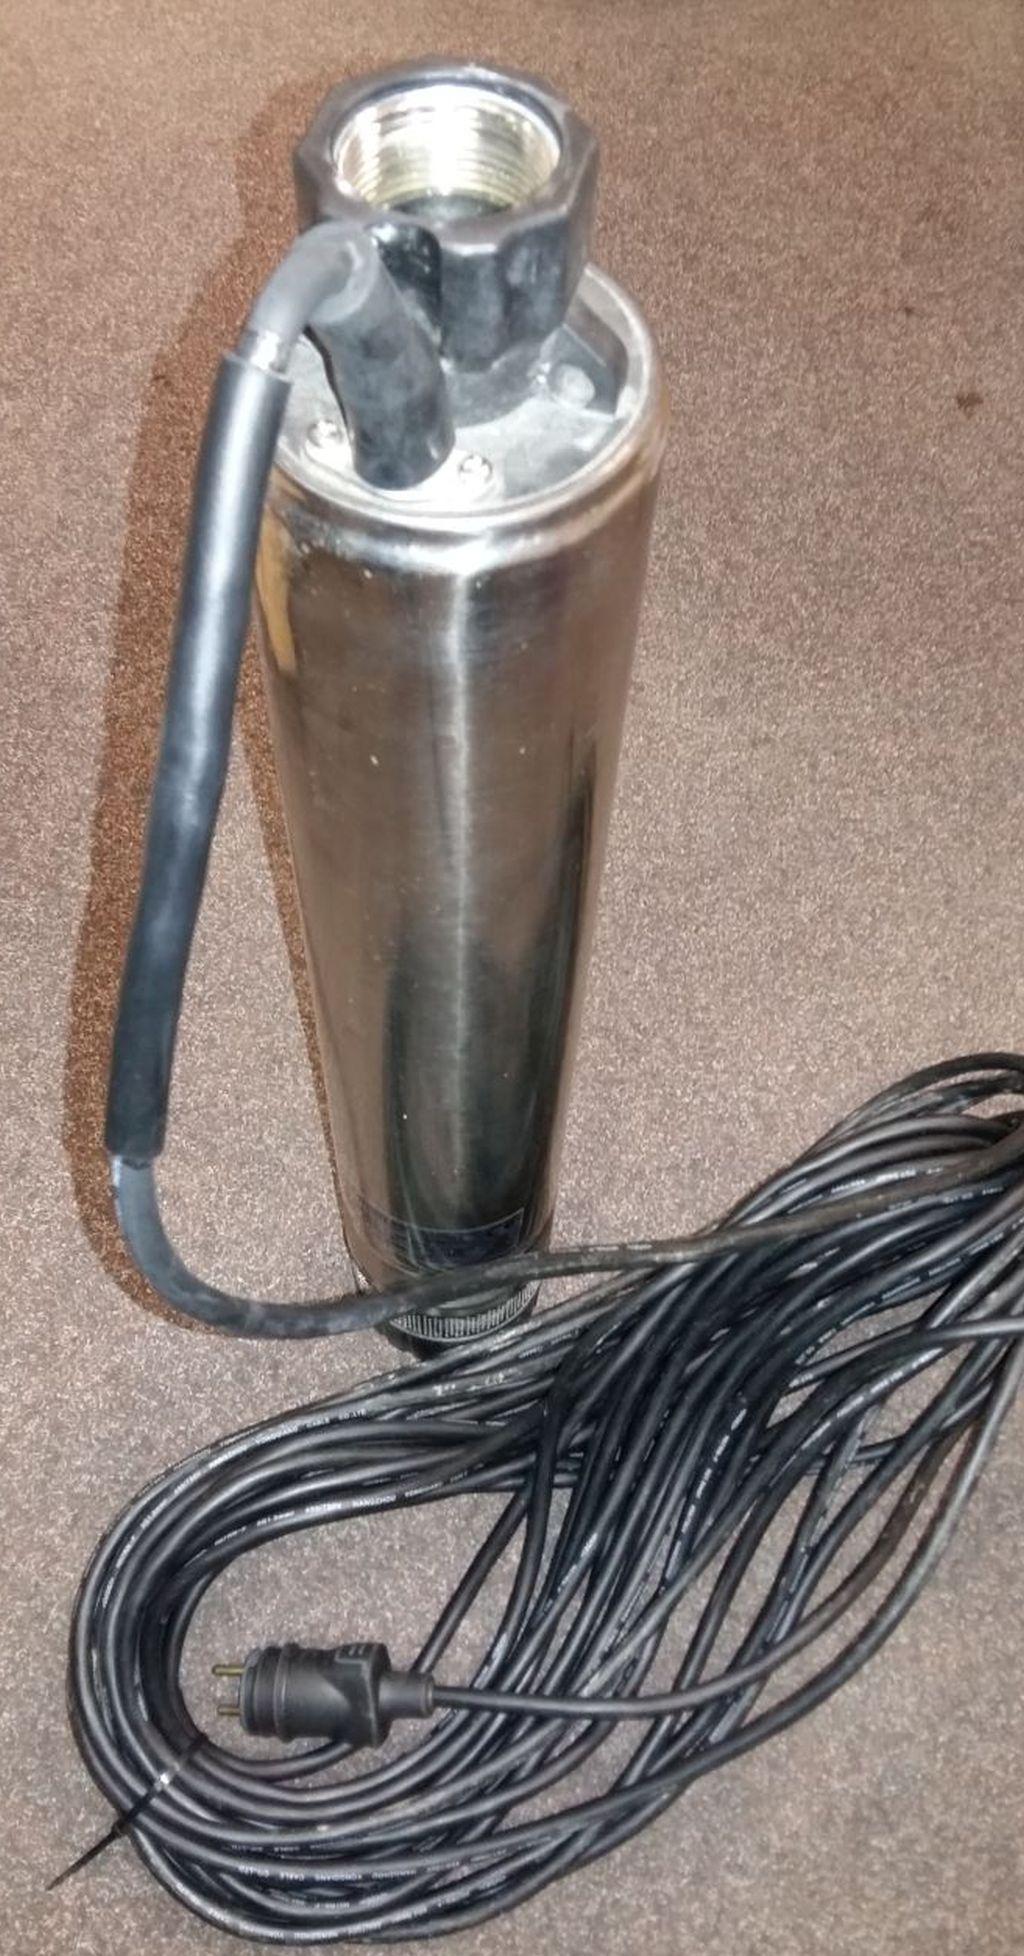 VÝPRODEJ GARDENA čerpadlo do hlubokých studní 6000/5 Inox Premium, 1492-20, POUŽITÉ, OPRAVA KABELU, BEZ ORIGINÁLNÍ KRABICE